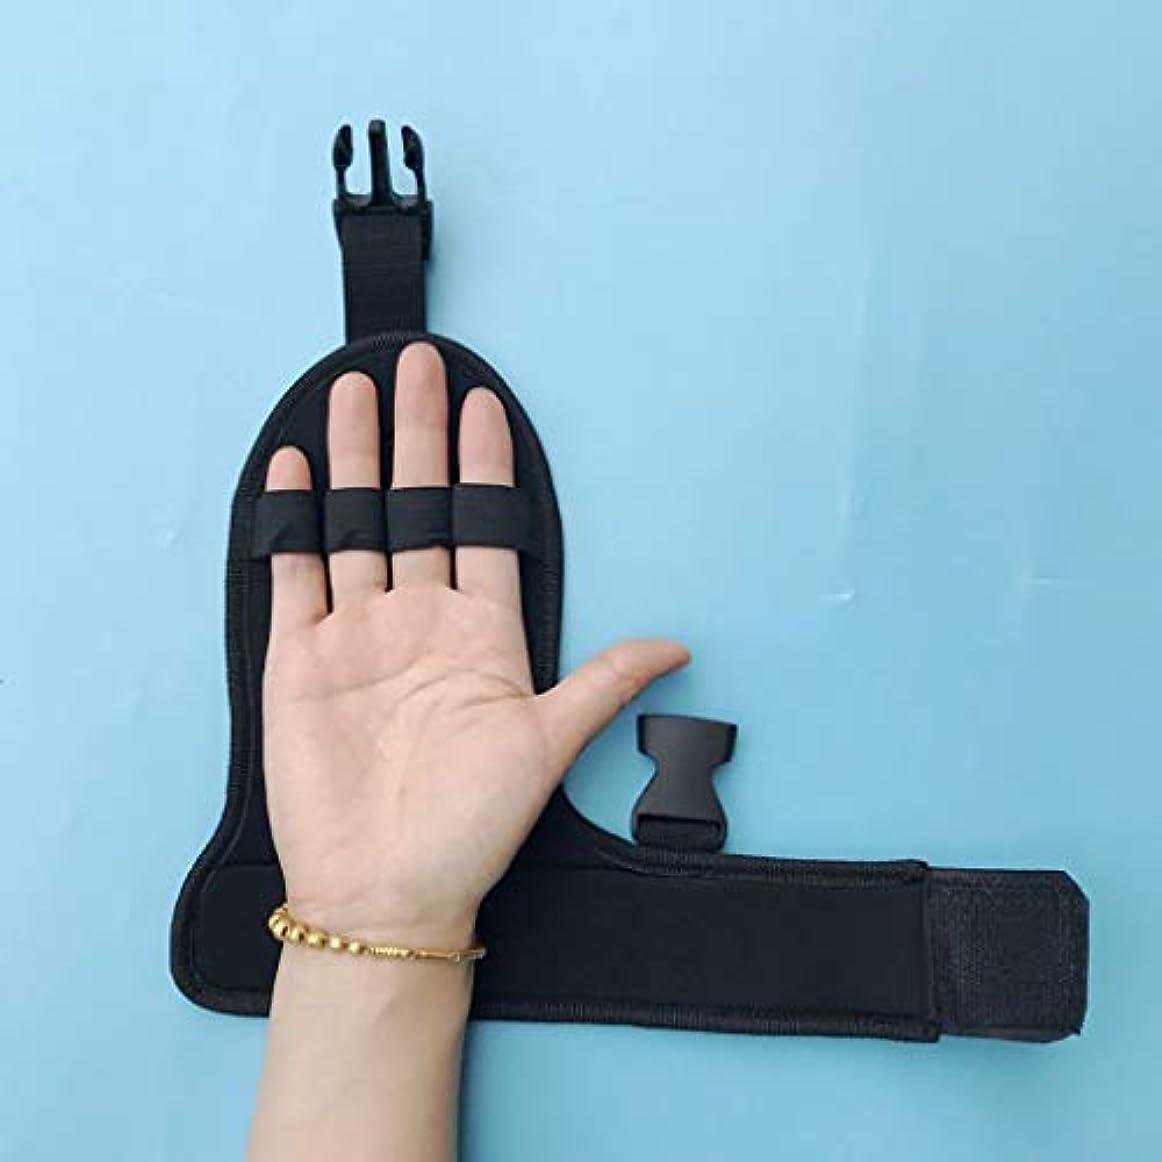 血まみれの分離する勇気フィンガープロテクターは、指の骨折と術後のケアおよび痛みの軽減を引き起こすために指の手袋をサポートします,Buckle